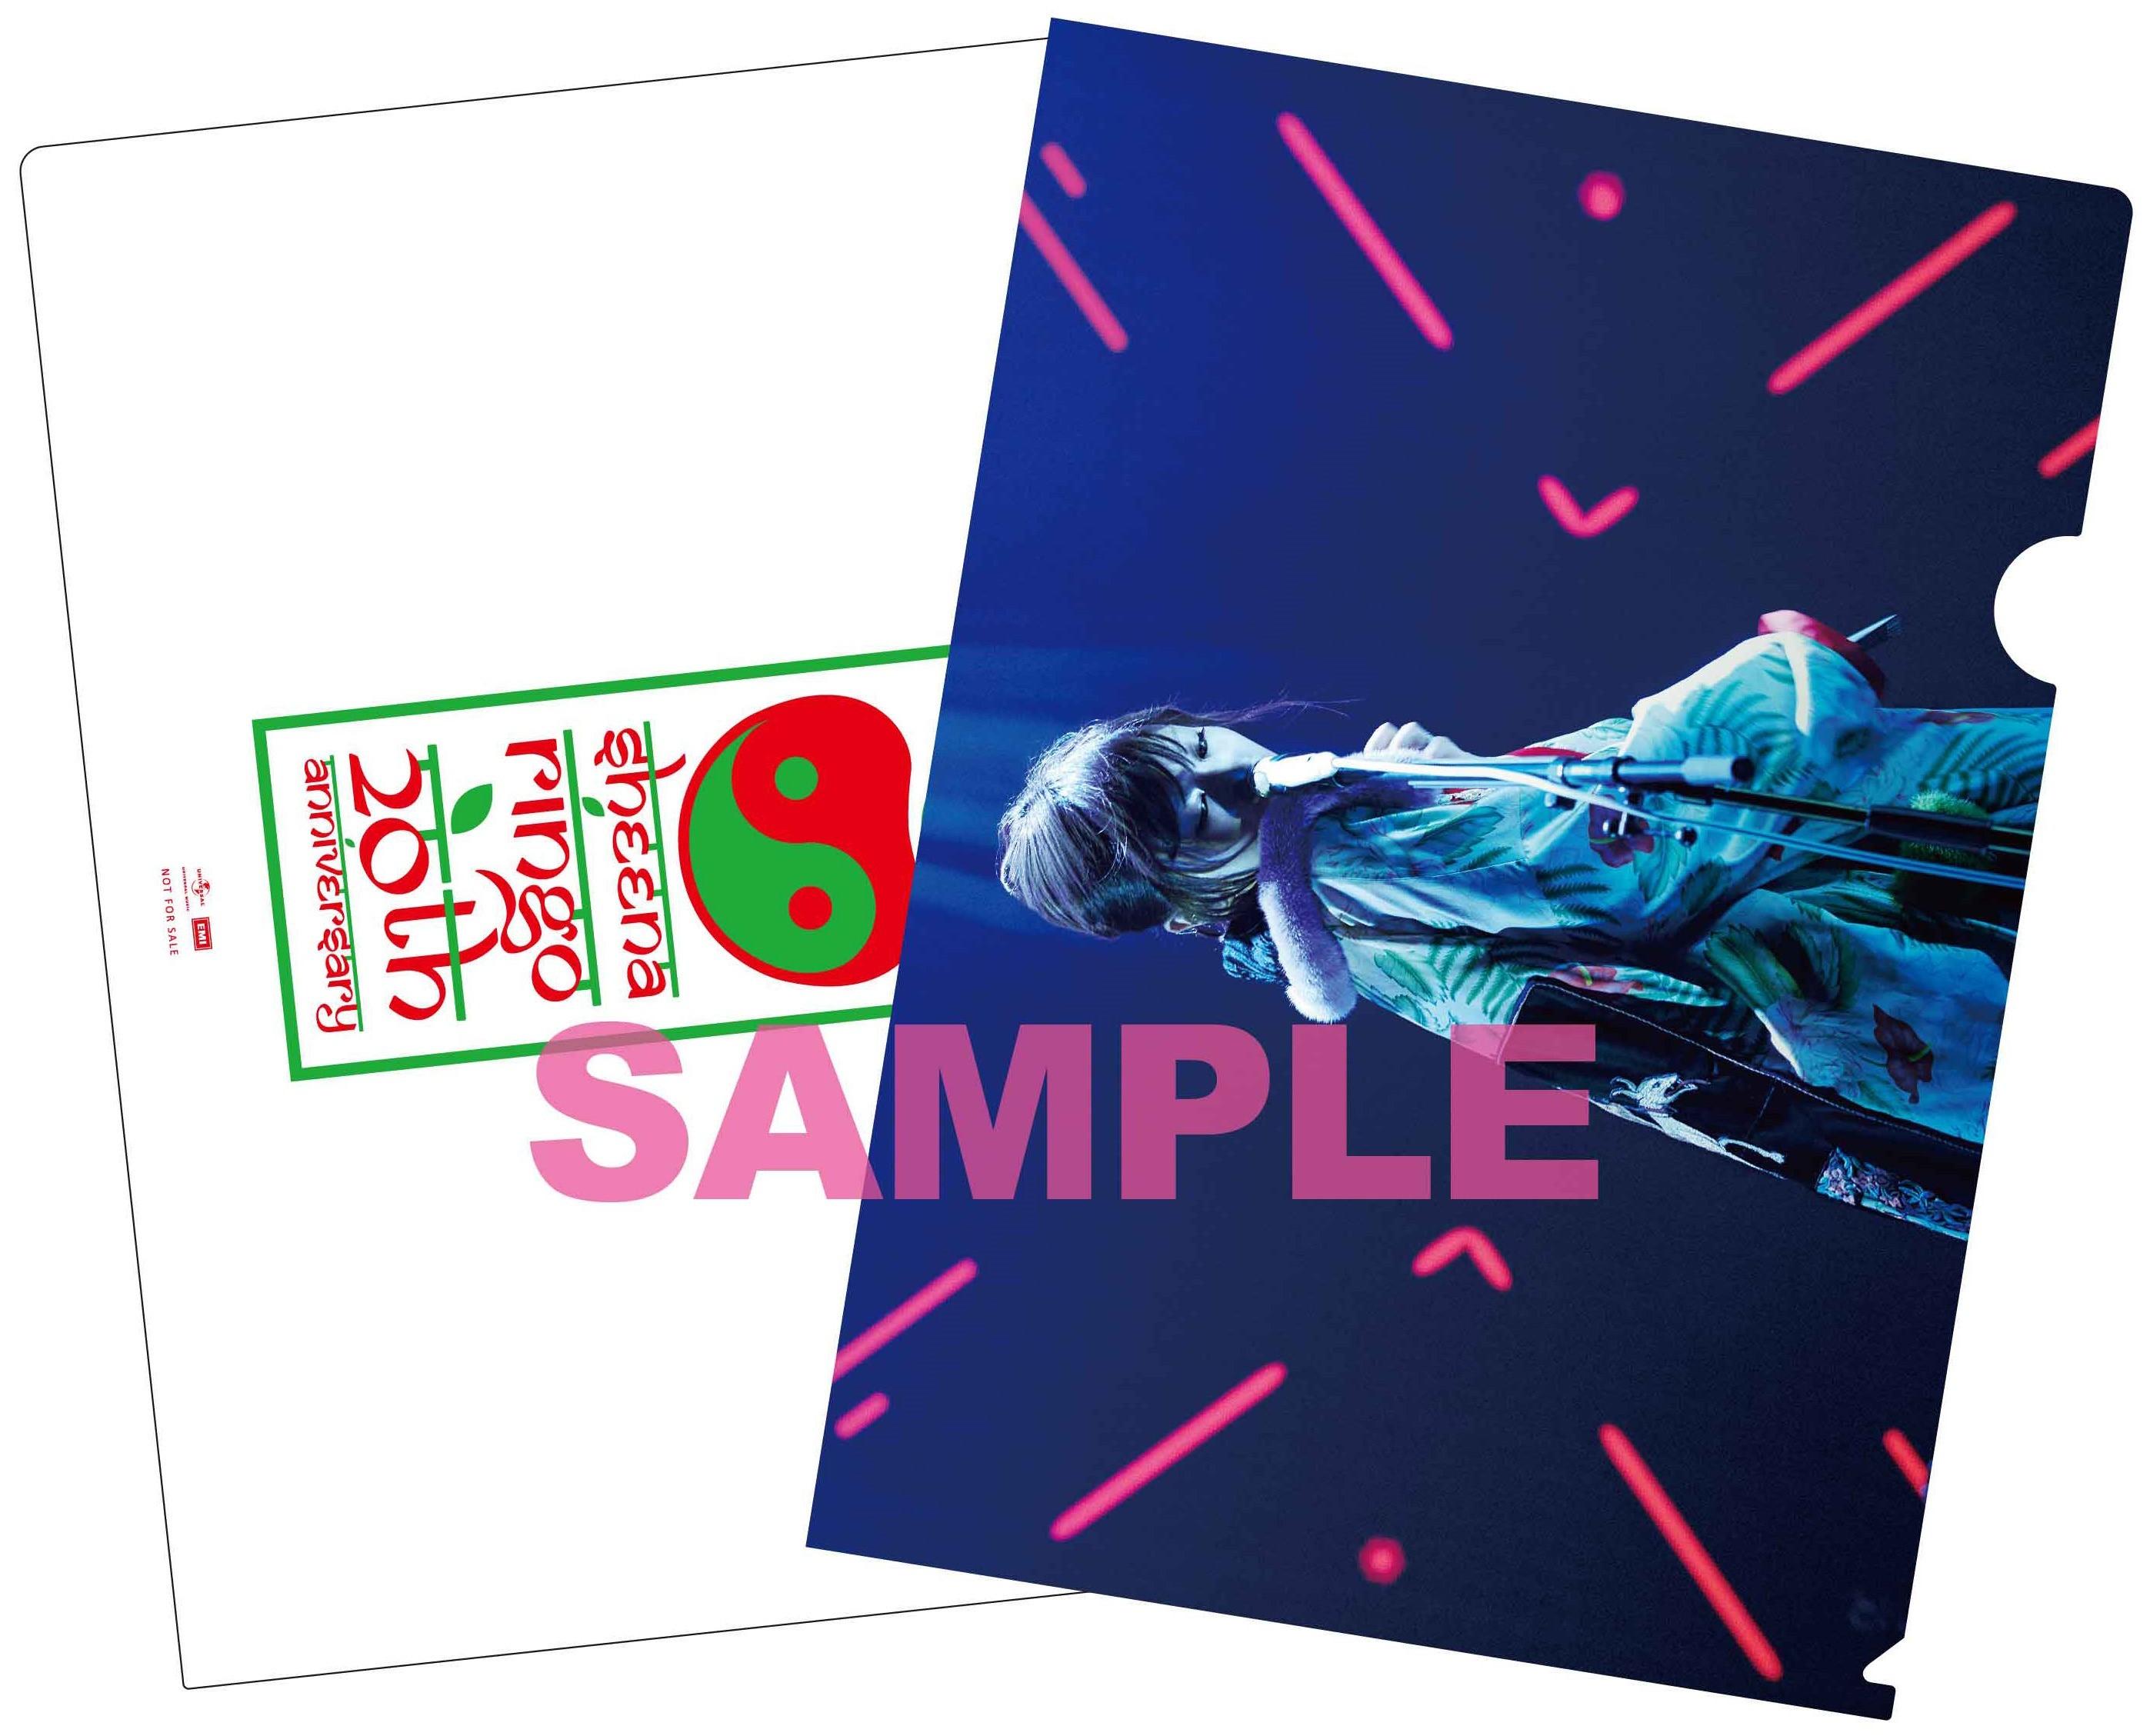 椎名林檎 20周年スペシャルデザインクリアファイル(A4サイズ)